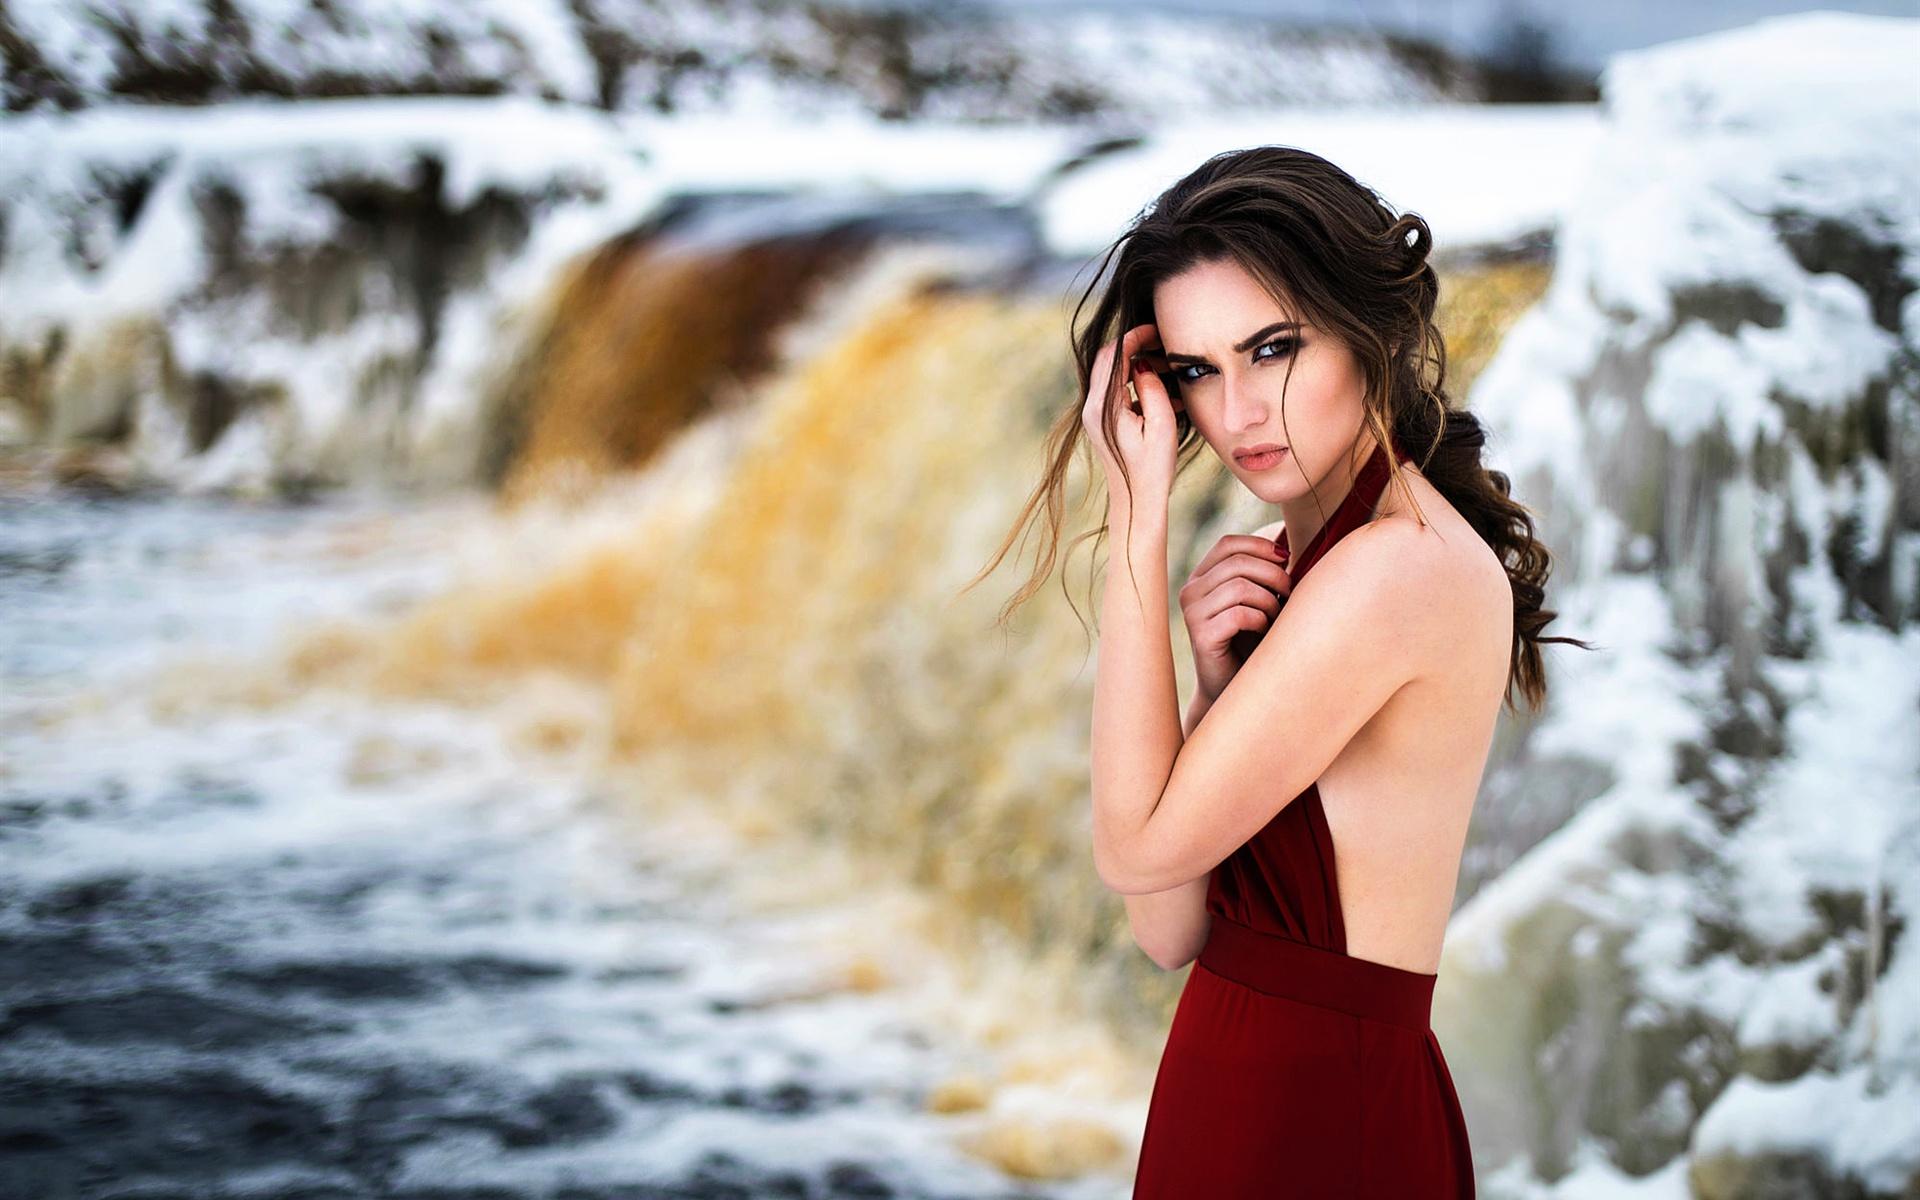 фотосессия на берегу реки холод для такого